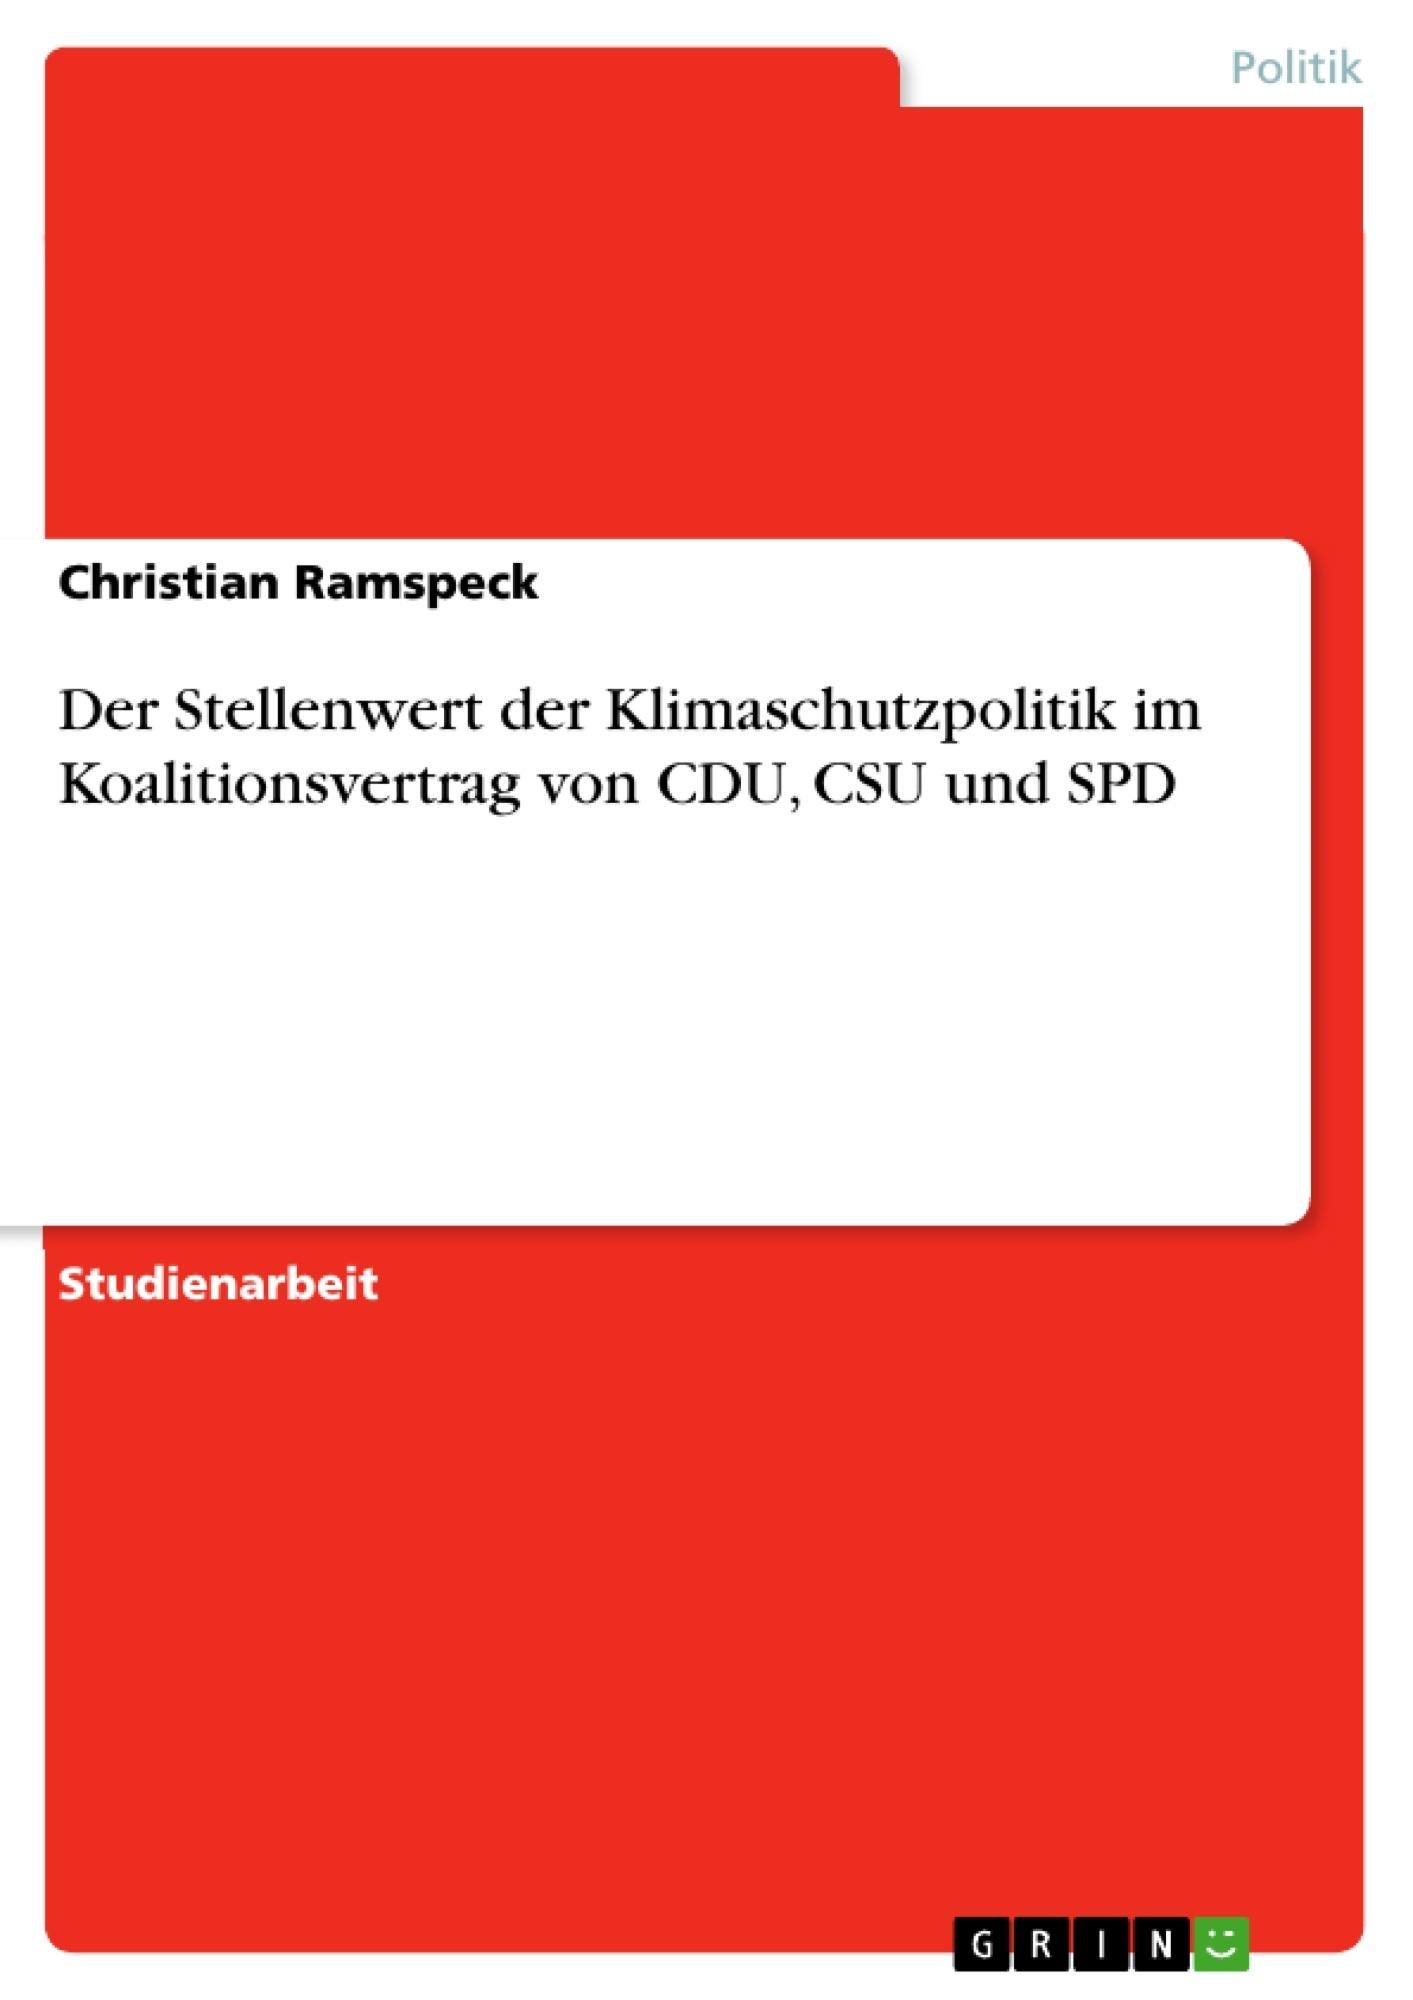 Titel: Der Stellenwert der Klimaschutzpolitik im Koalitionsvertrag von CDU, CSU und SPD